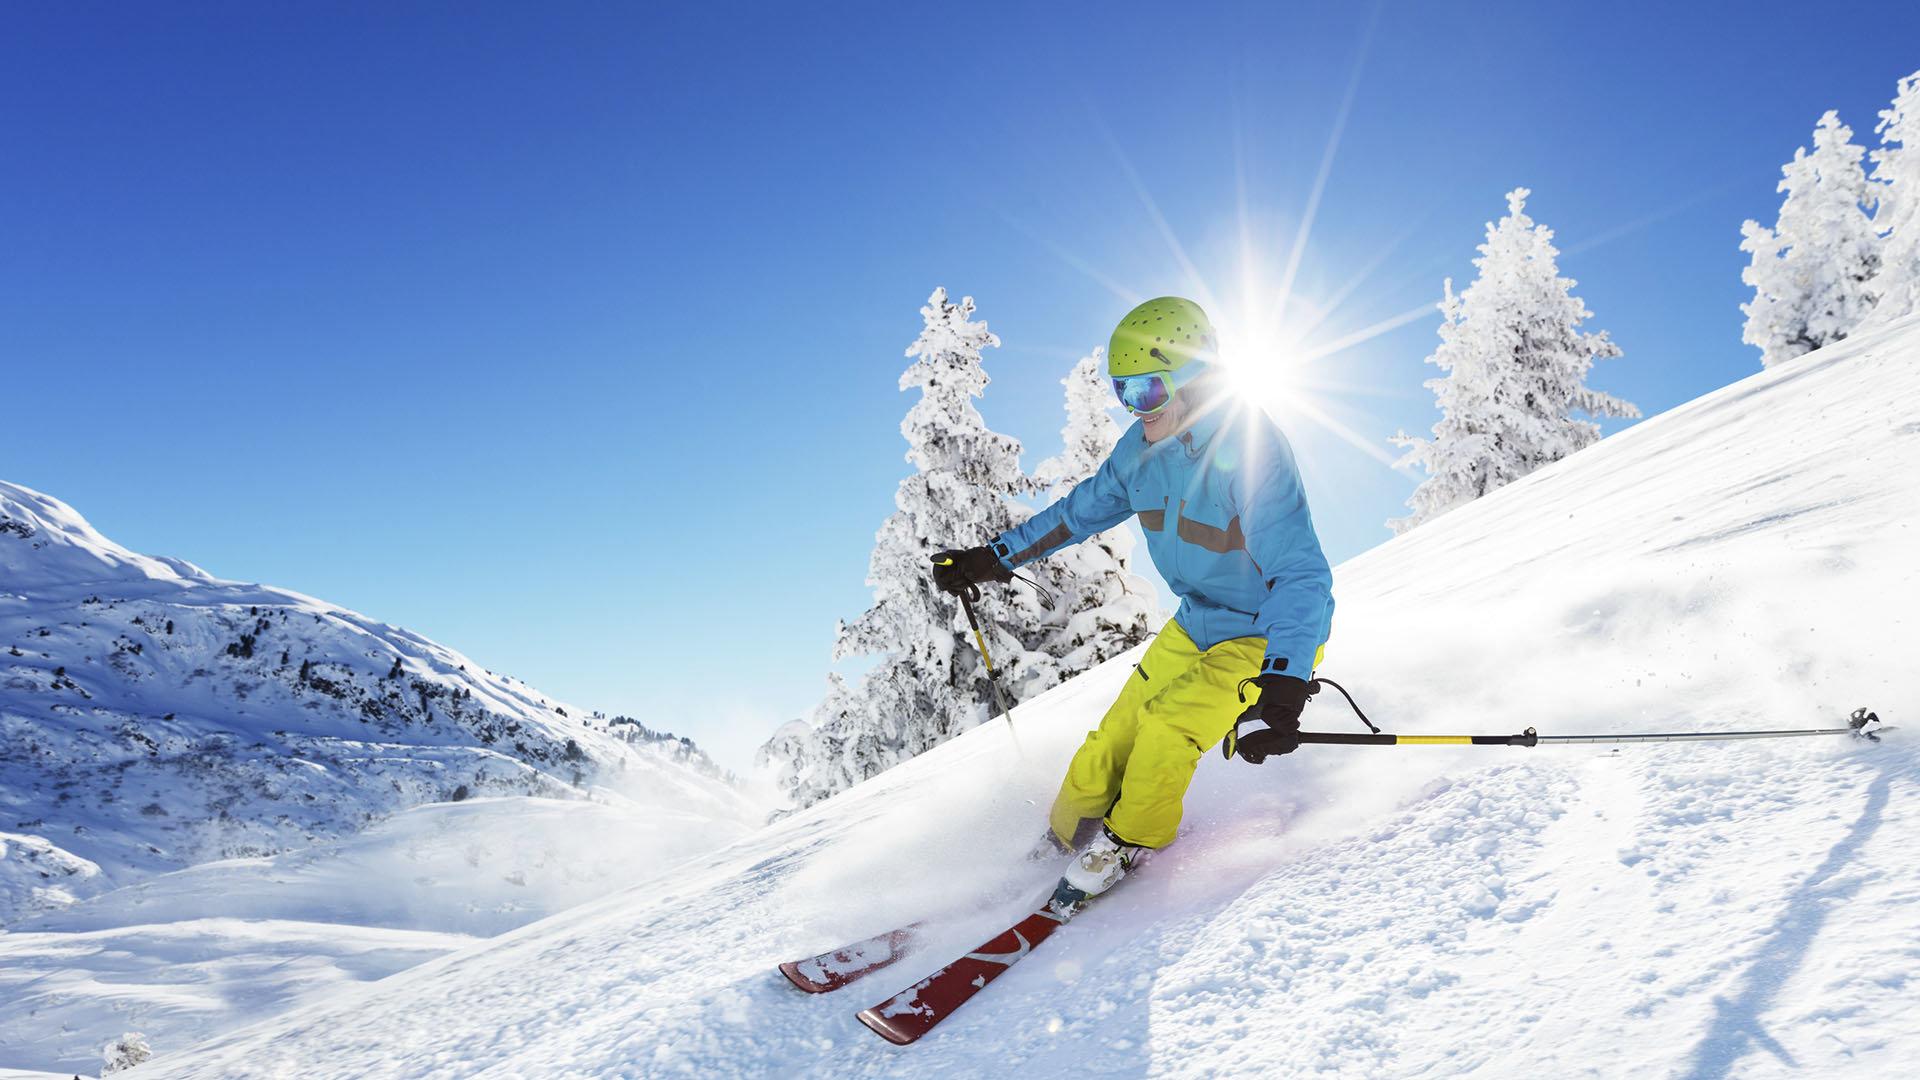 Skiing wallpapers 1920x1080 full hd 1080p desktop - Ski wallpaper ...